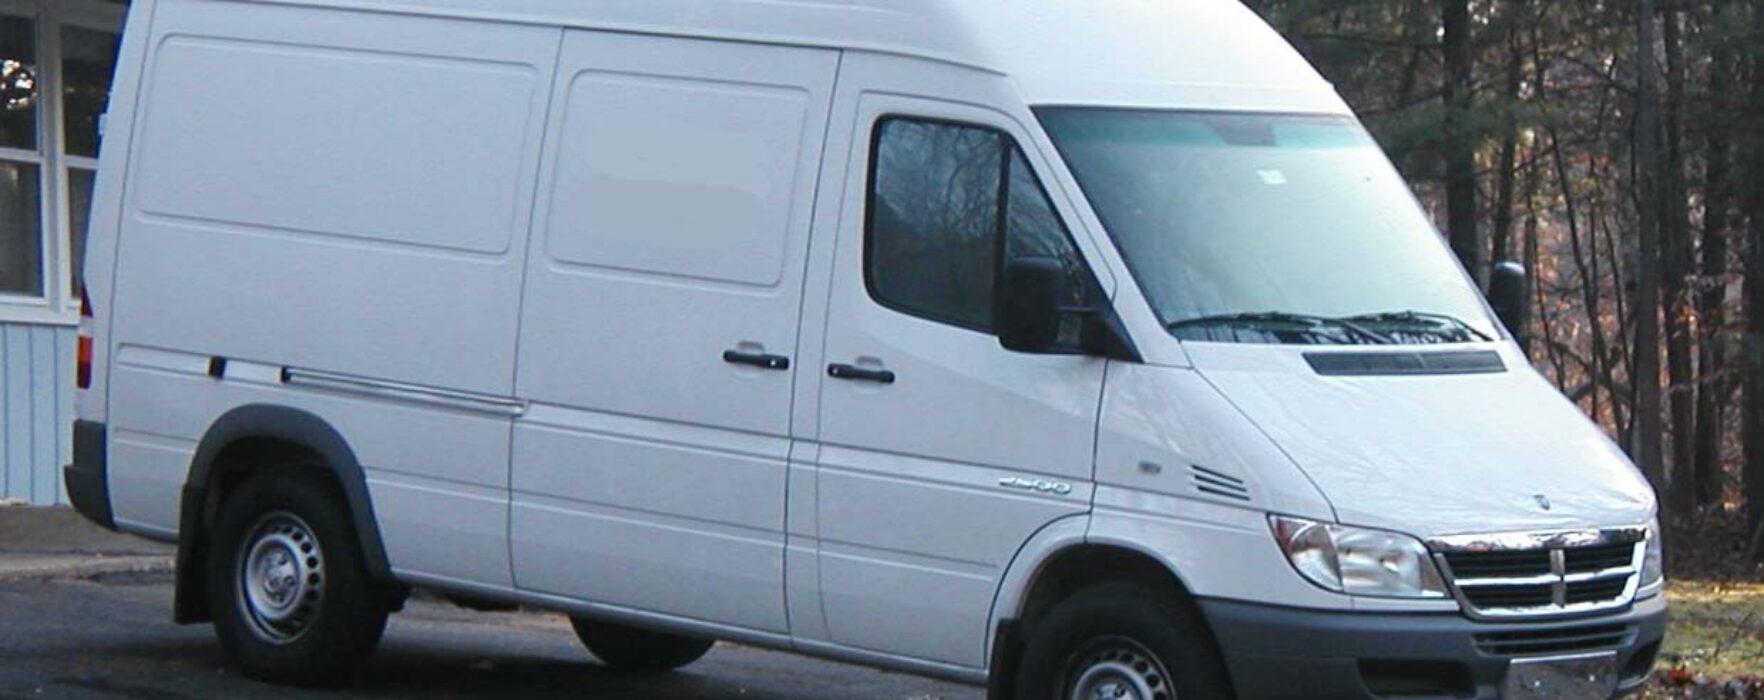 Târgovişte: Bărbat reţinut pentru înşelătorii cu maşini